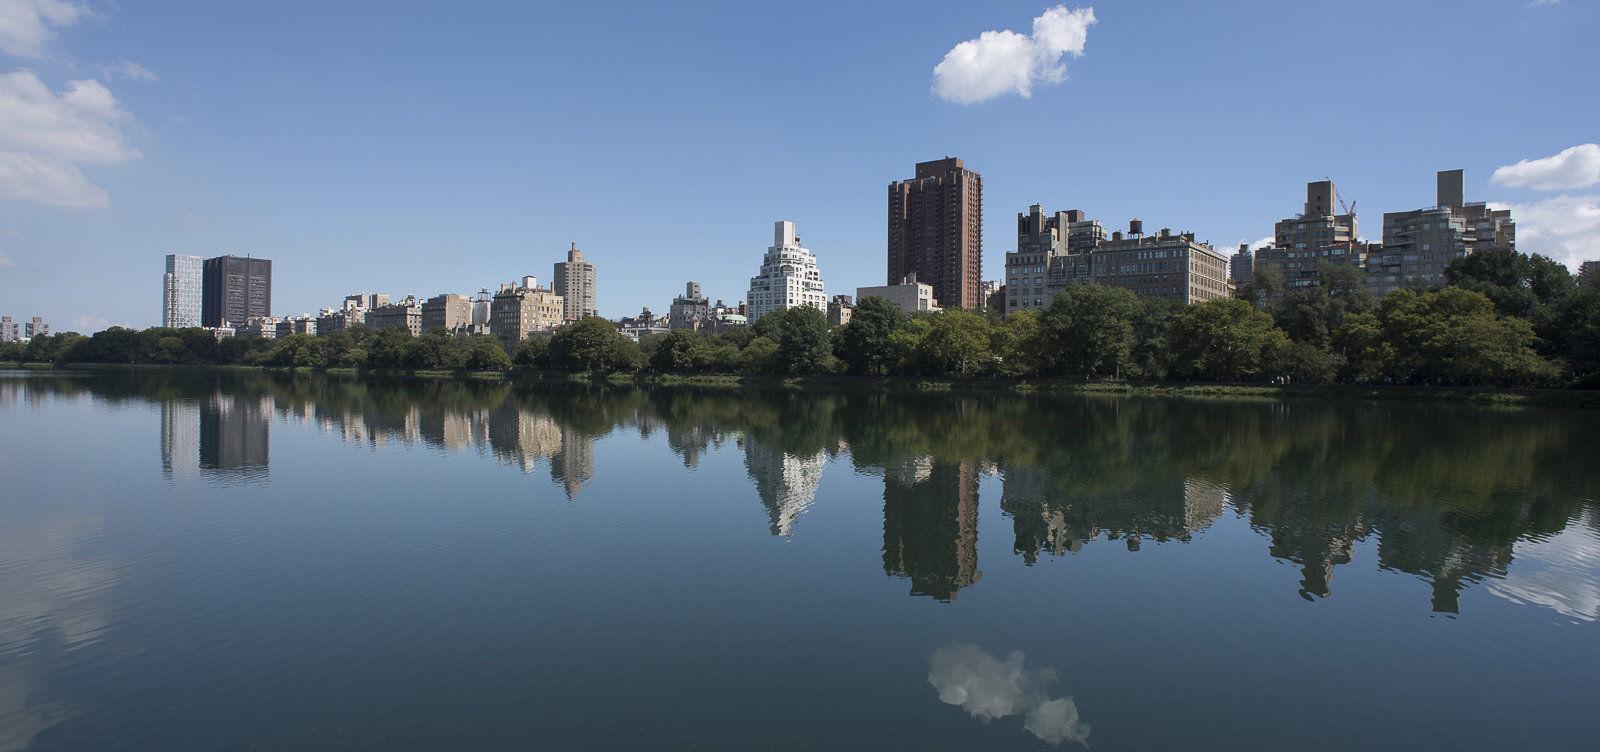 JKO Reservoir, Central Park, New York